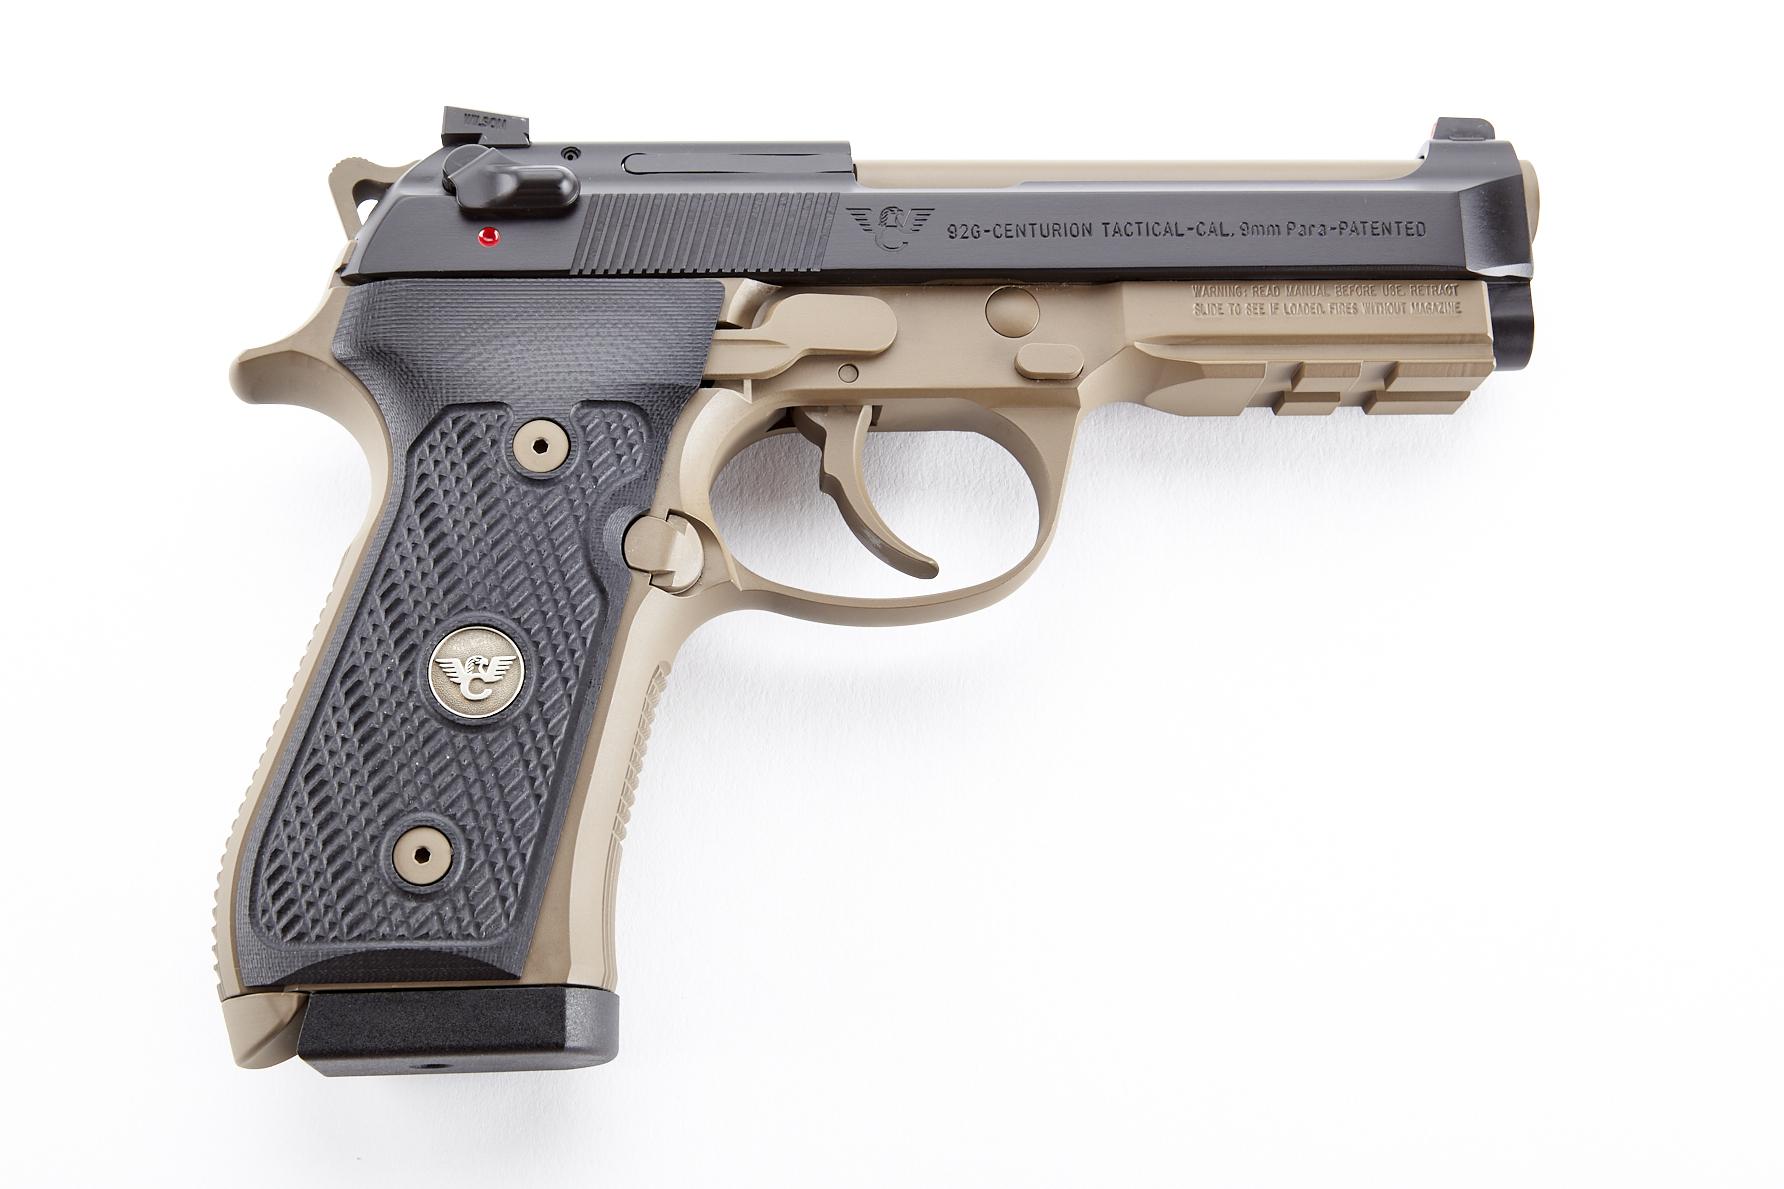 Beretta / Wilson Combat 92G Centurion Tactical, 9mm, Black